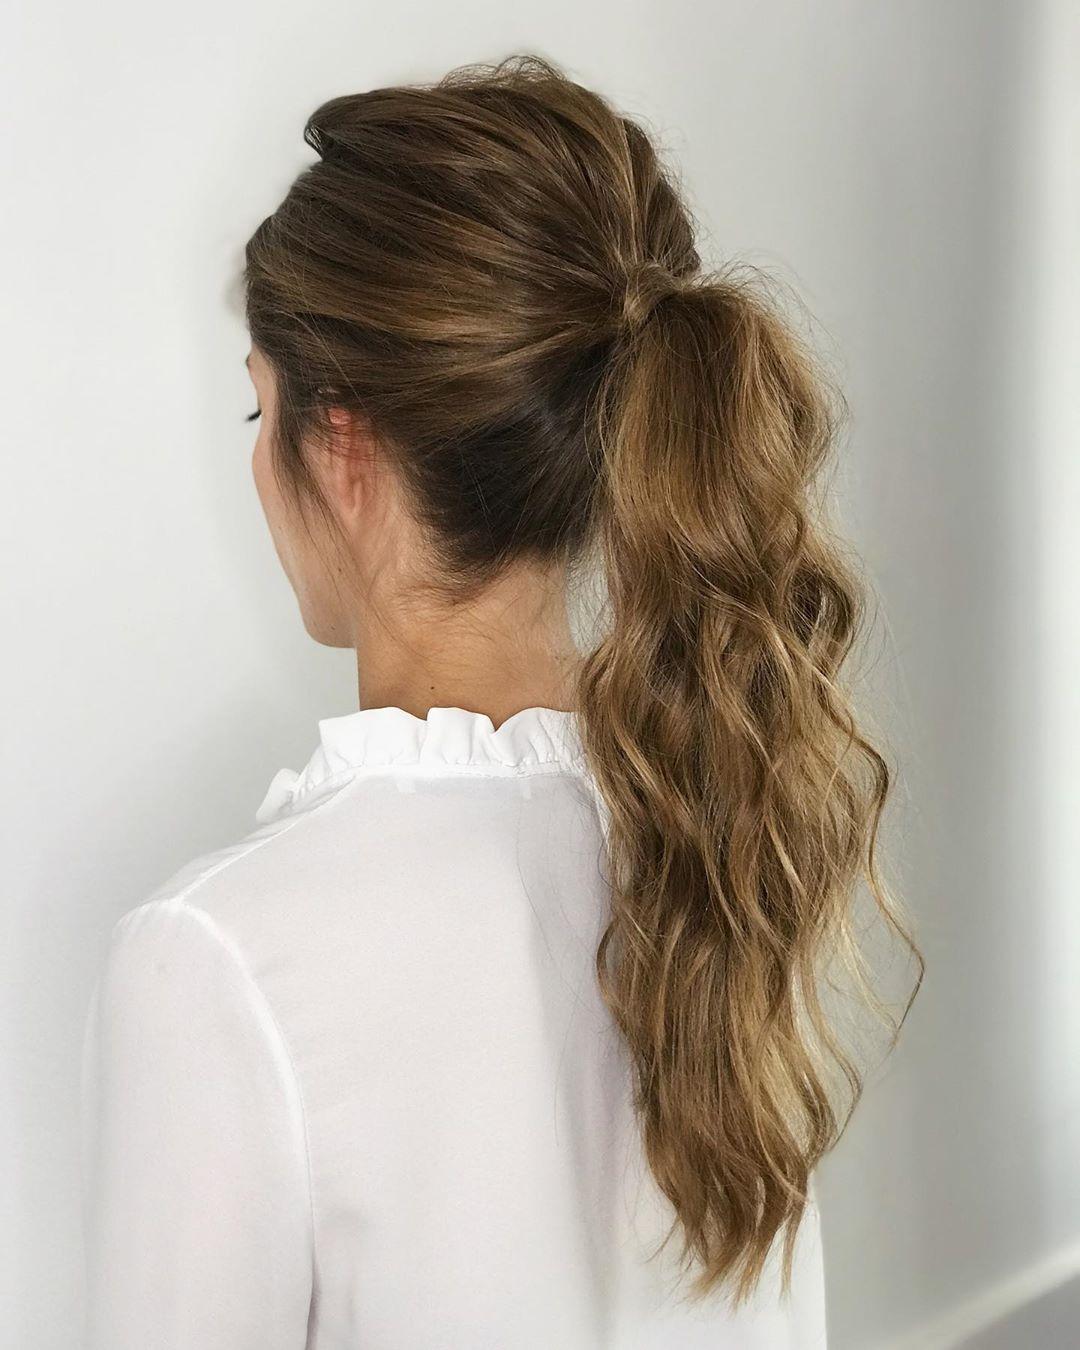 penteados simples para casamento 6